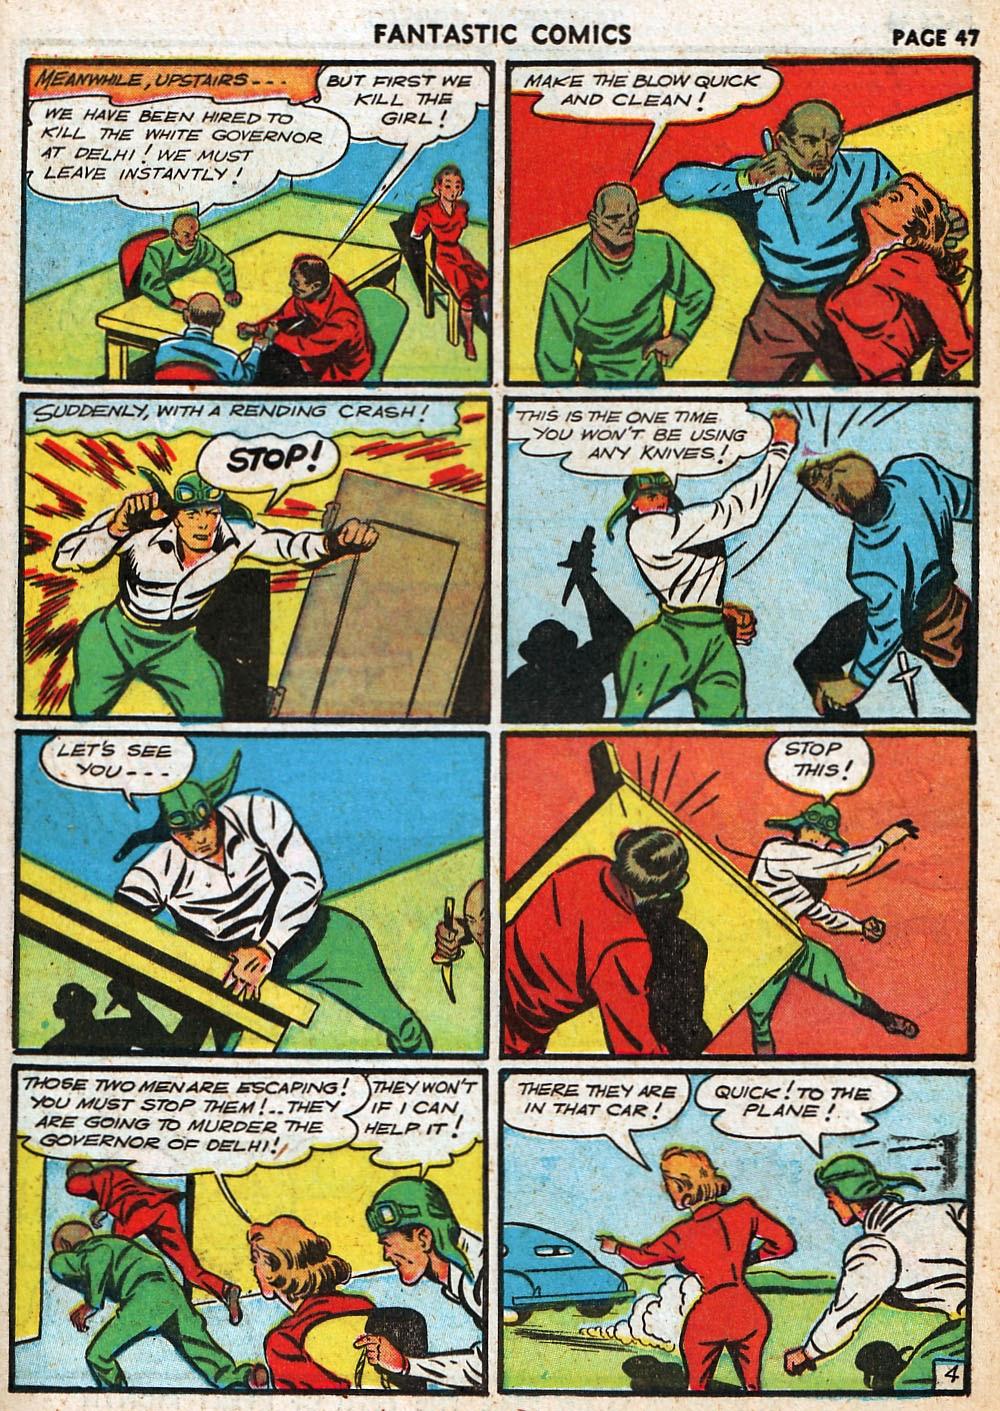 Read online Fantastic Comics comic -  Issue #20 - 47